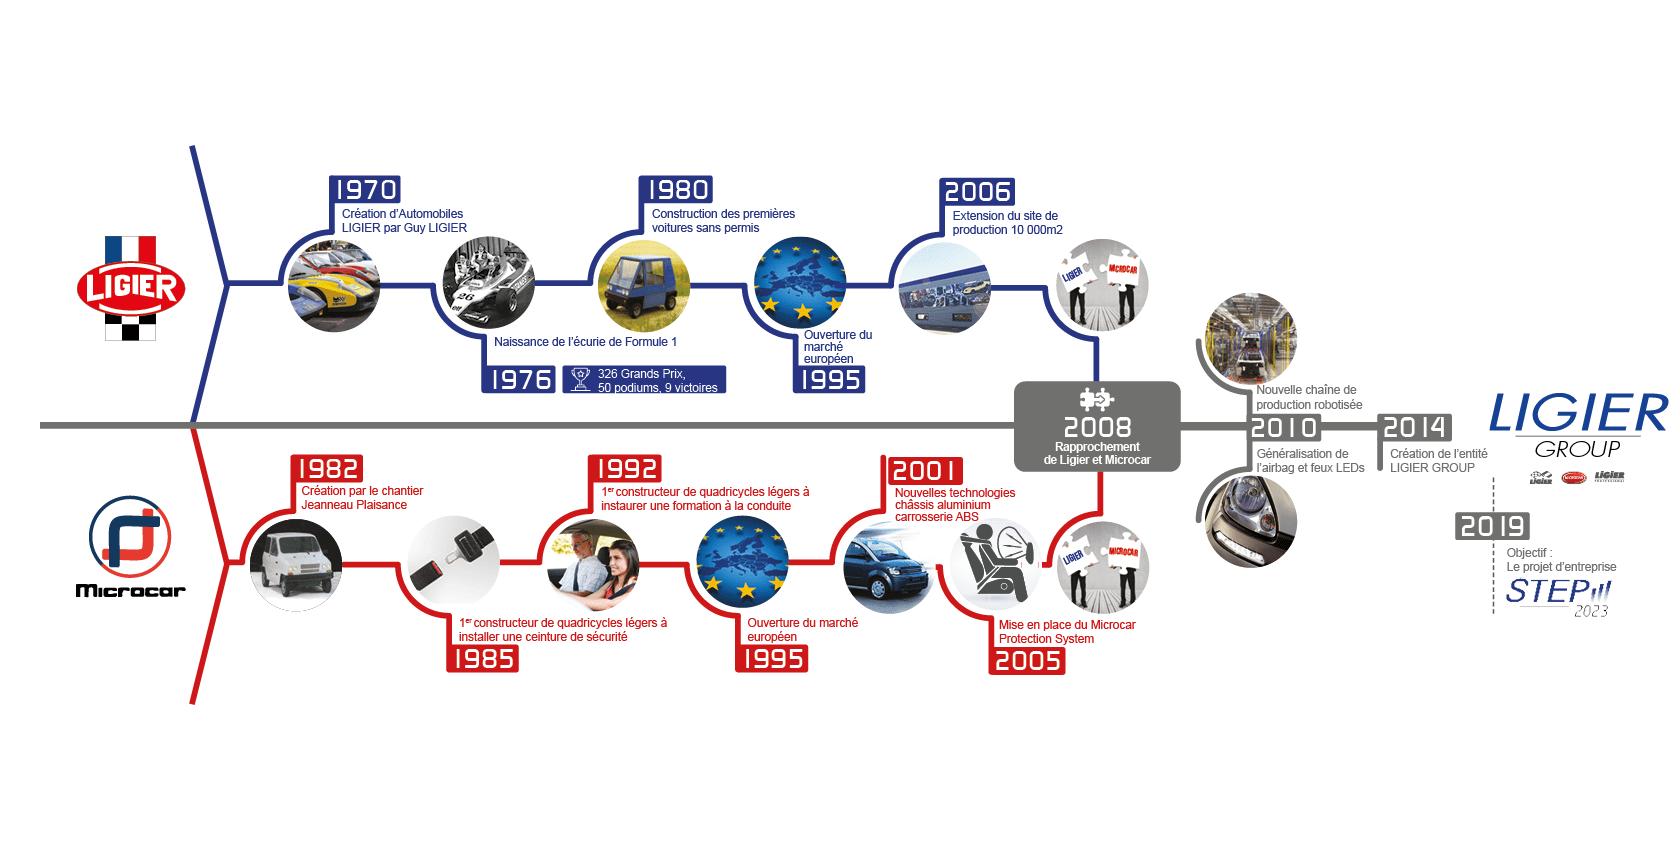 Histoire voiture sans permis - Ligier